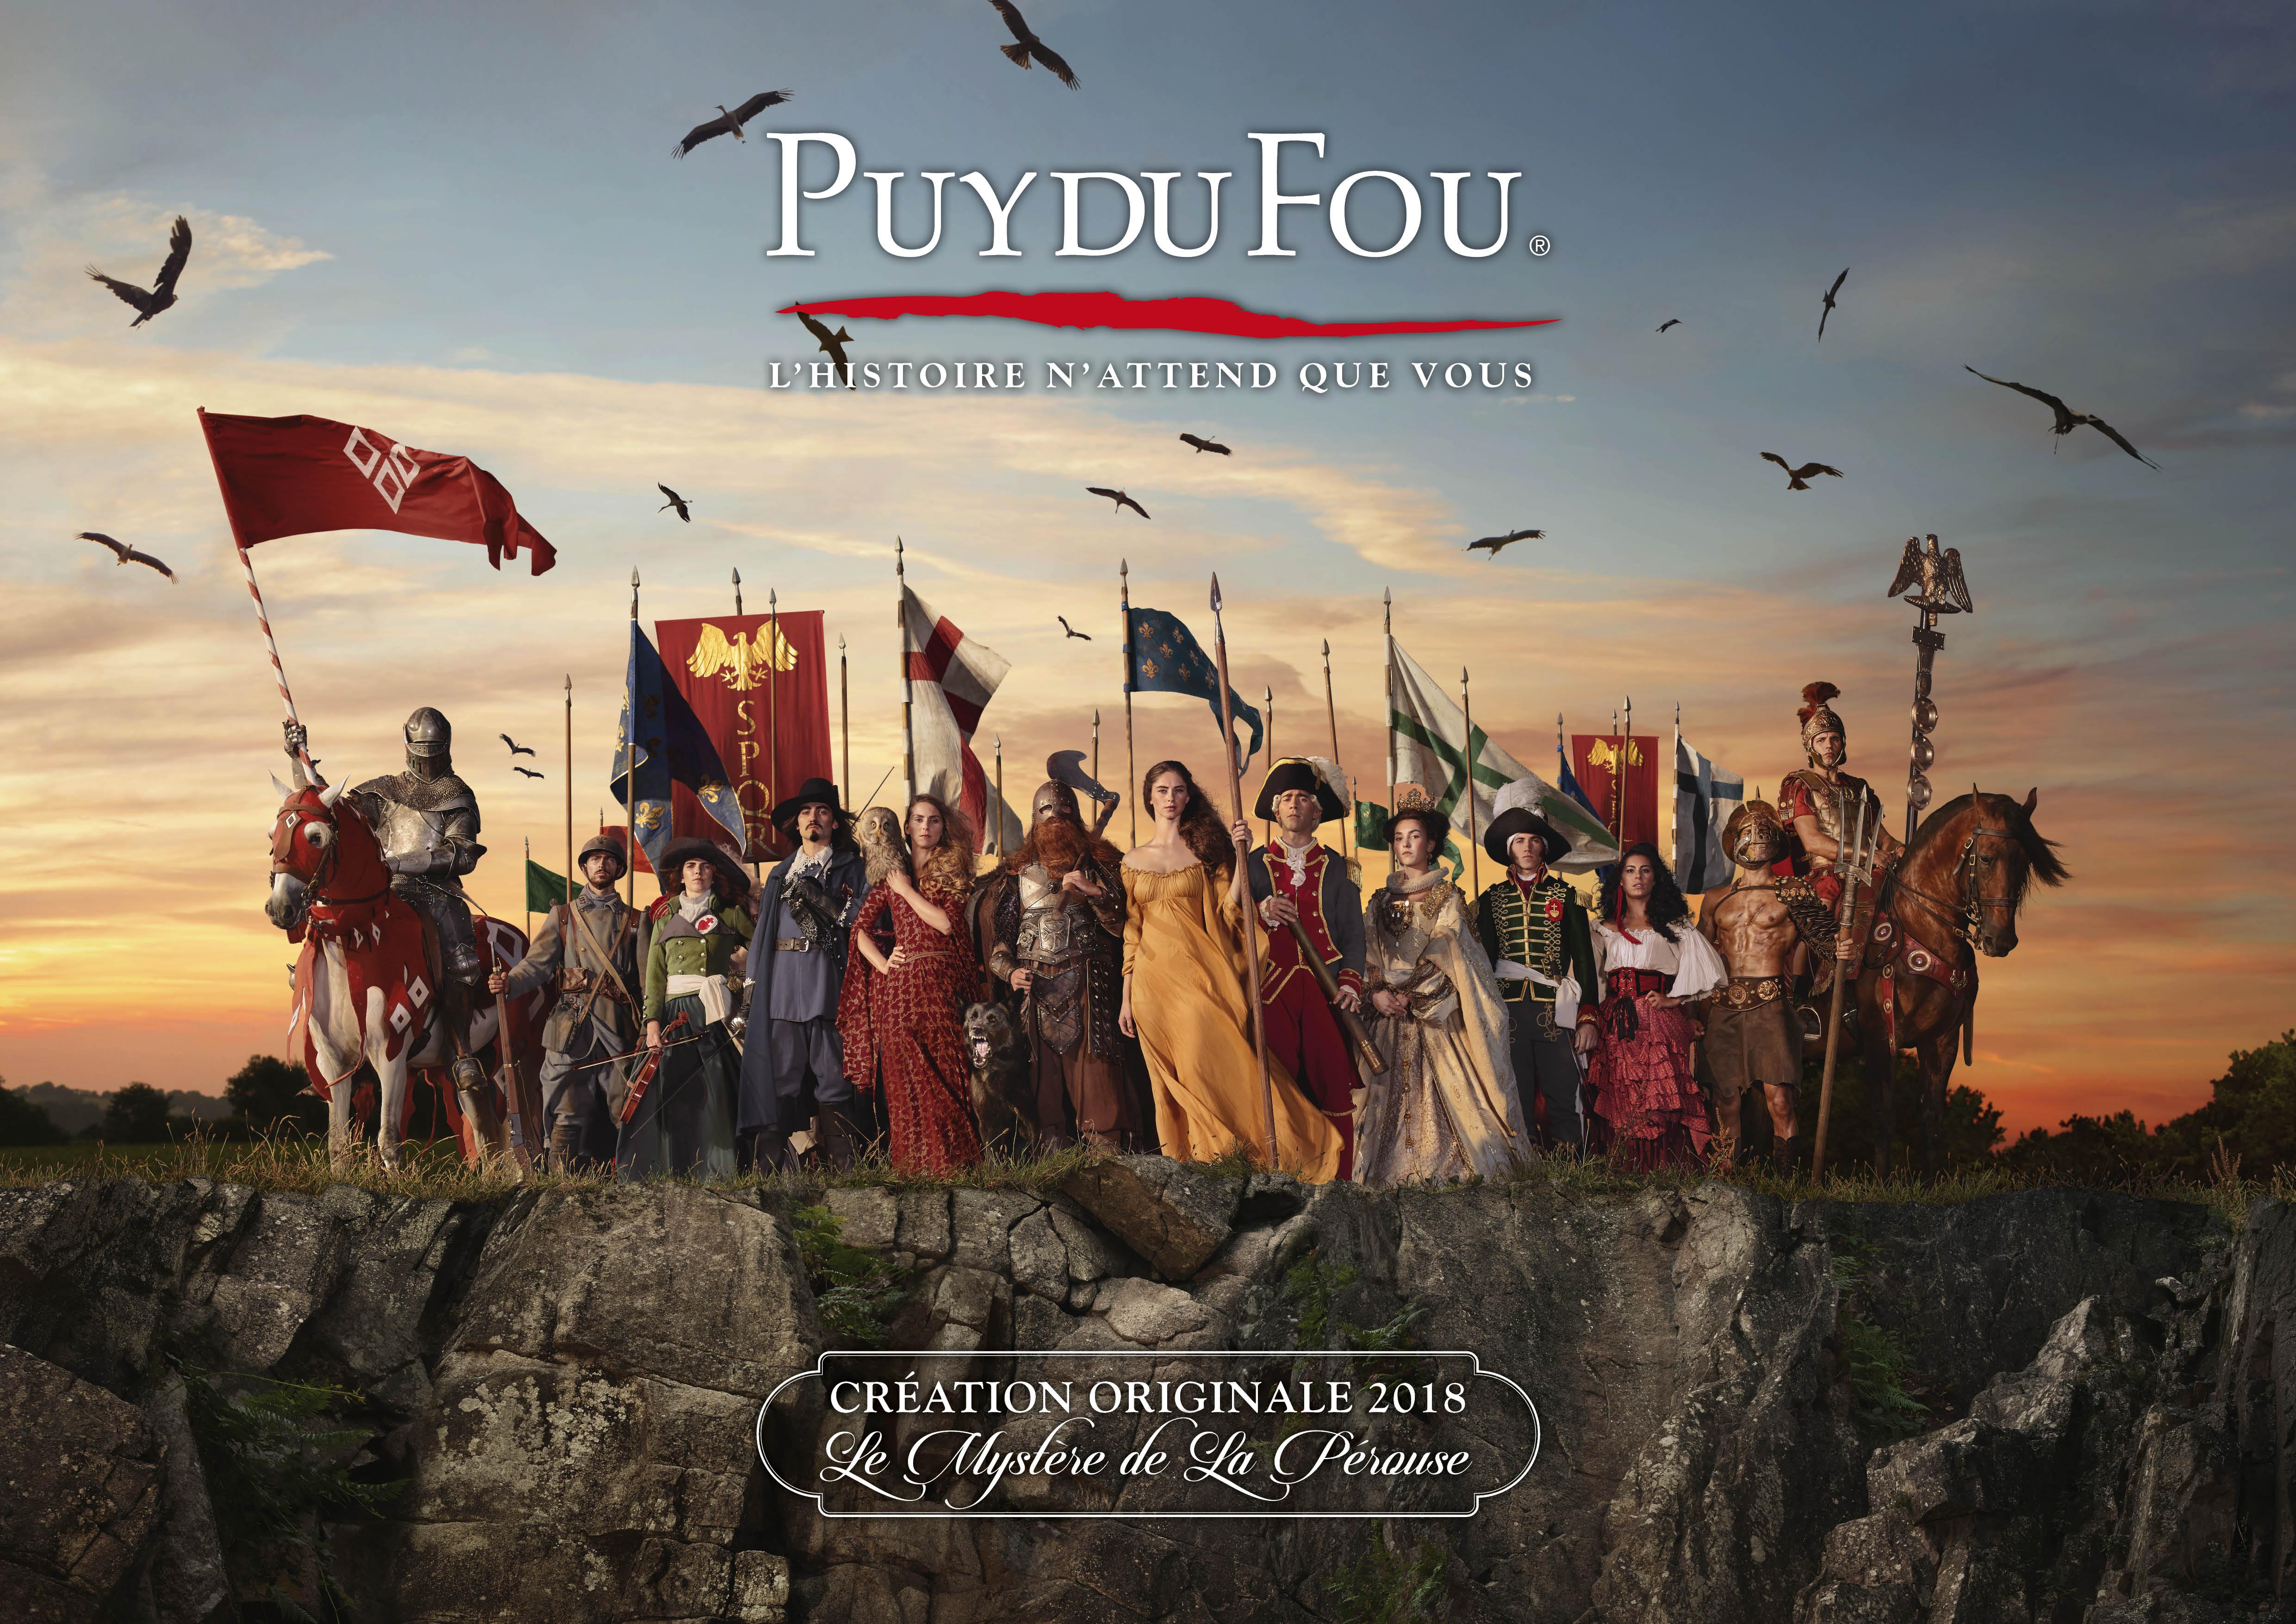 Puy-du-fou-2018